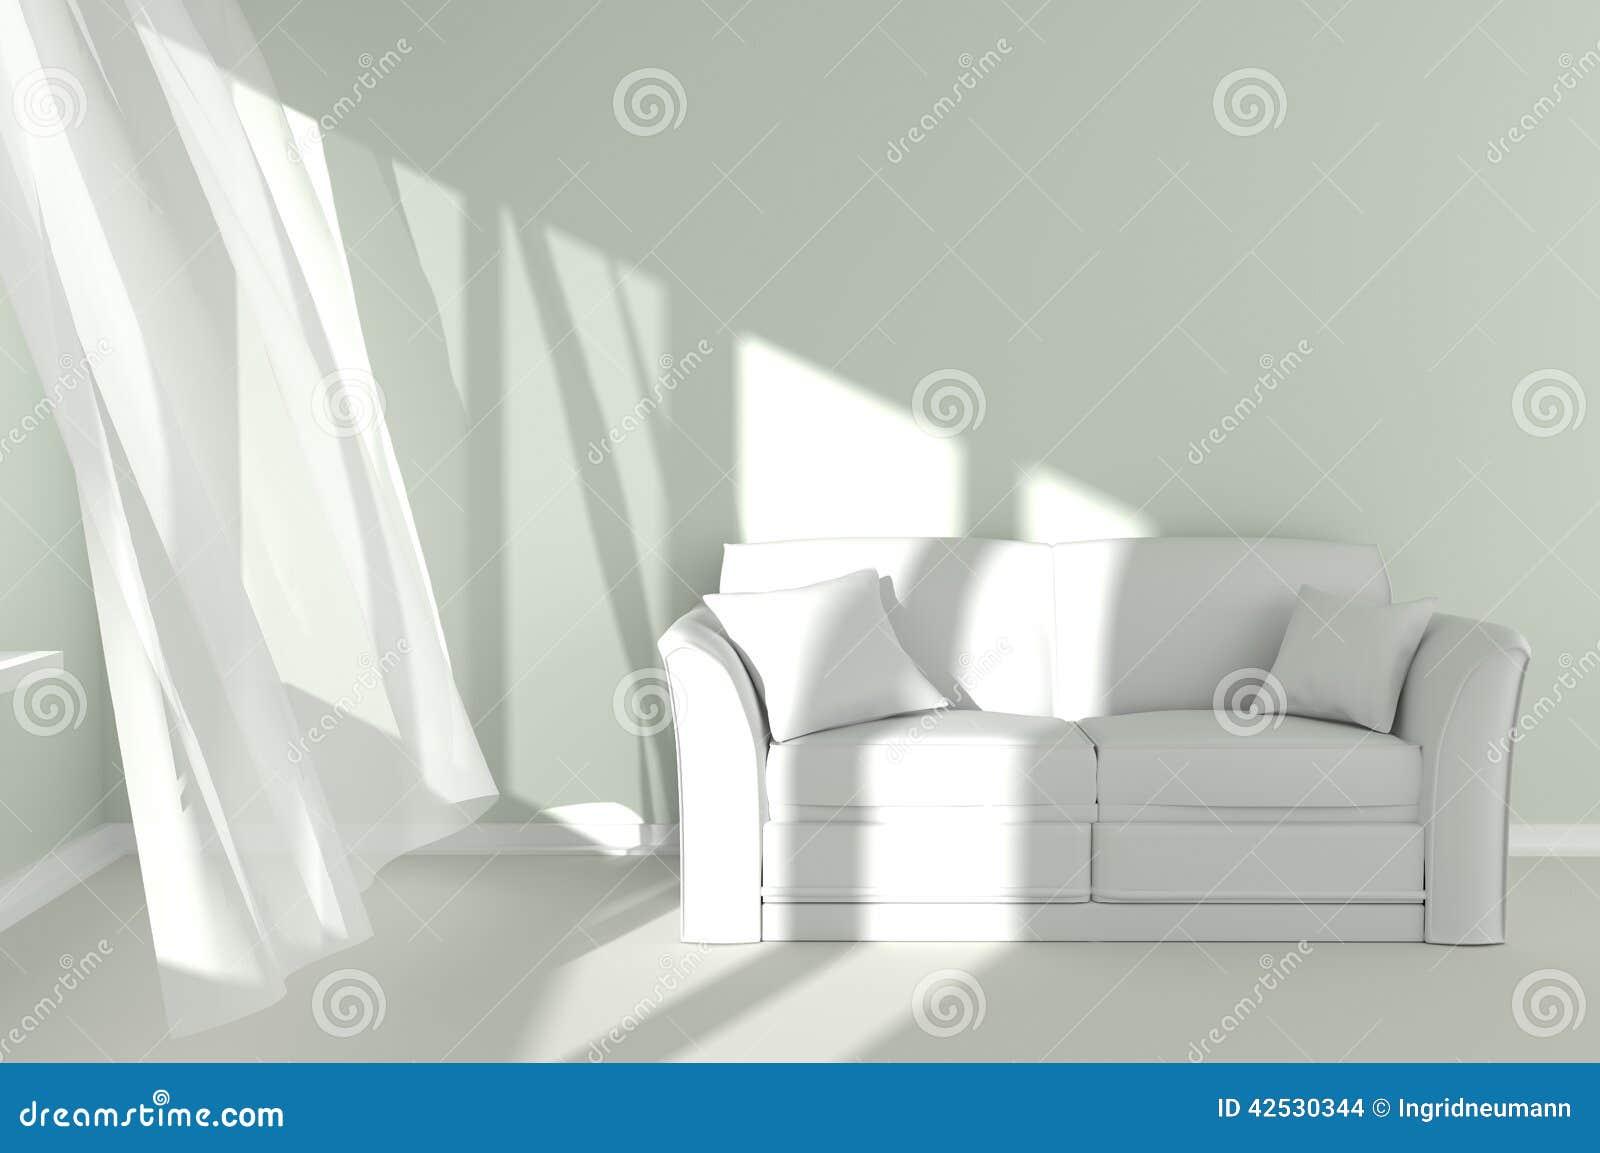 Moderner Raum-Innenraum Mit Weißen Vorhängen Und Couch Stock ...